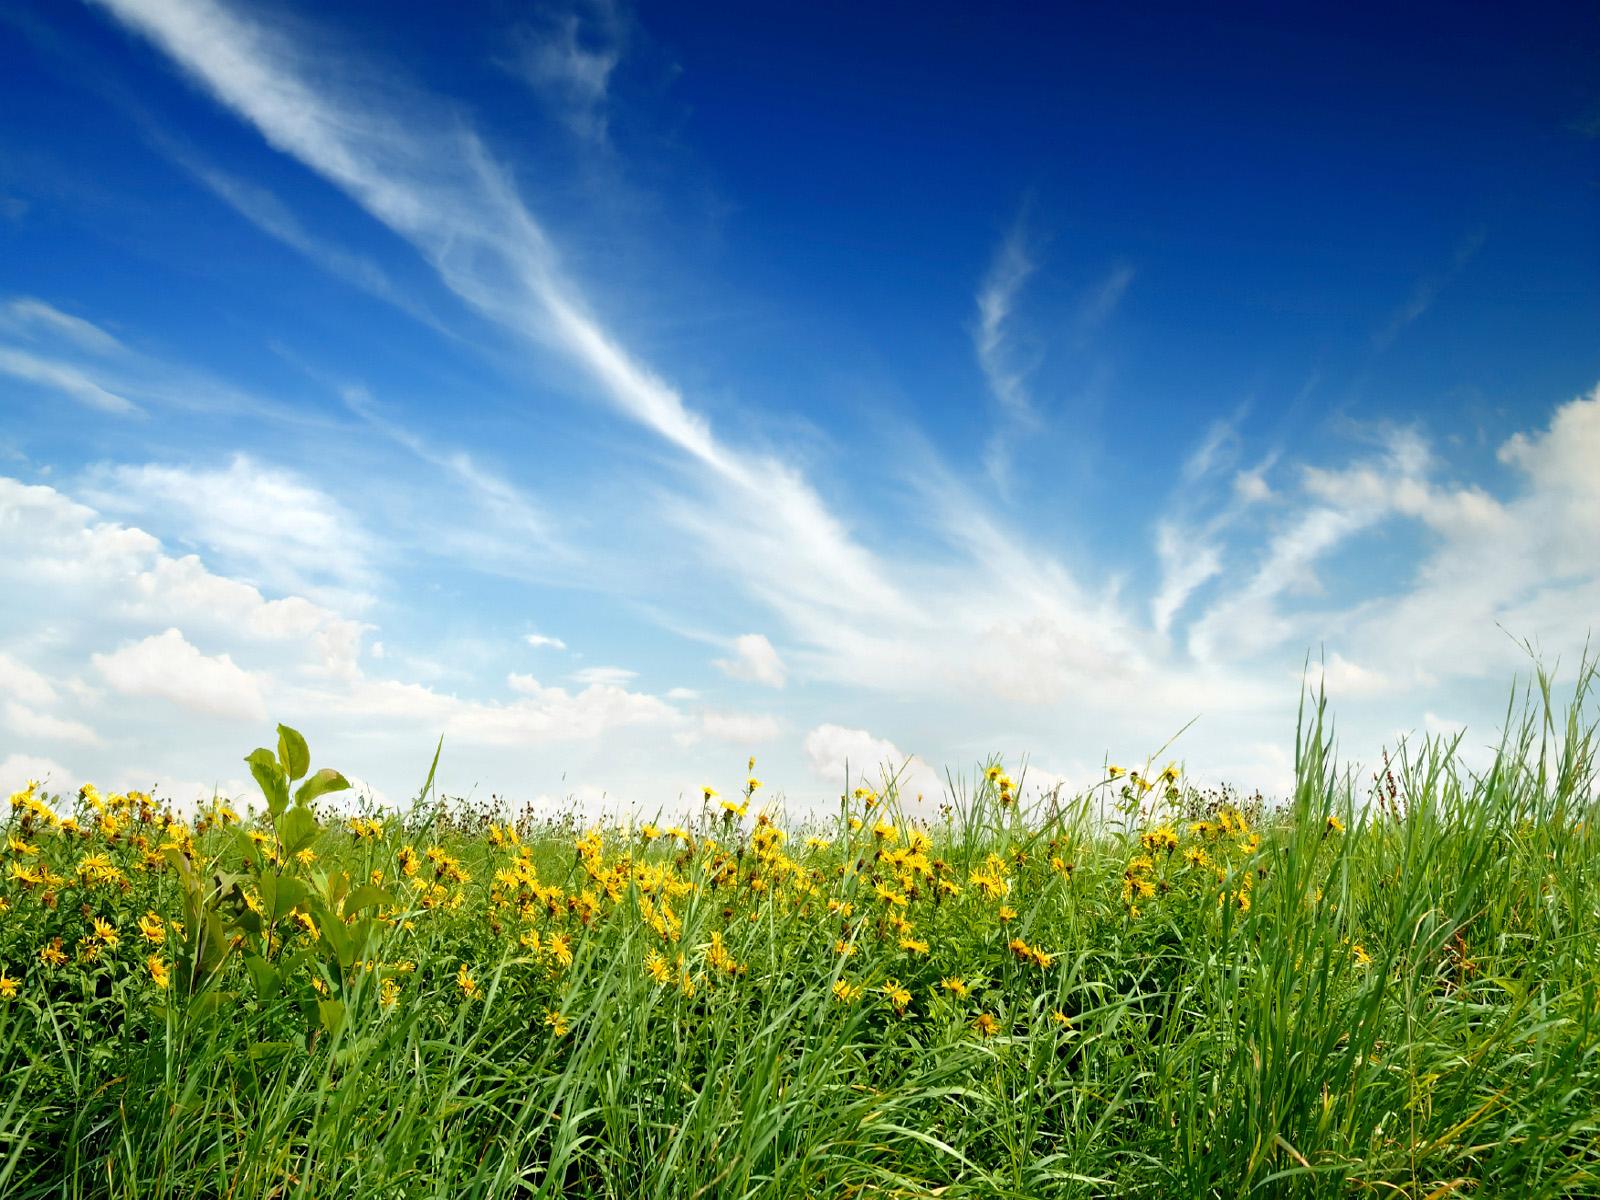 http://4.bp.blogspot.com/-EObq49MZfN8/T0AEcVsEg0I/AAAAAAAAGWM/lk5xFkUzJvc/s1600/Nature+Wallpaper+0005.jpg